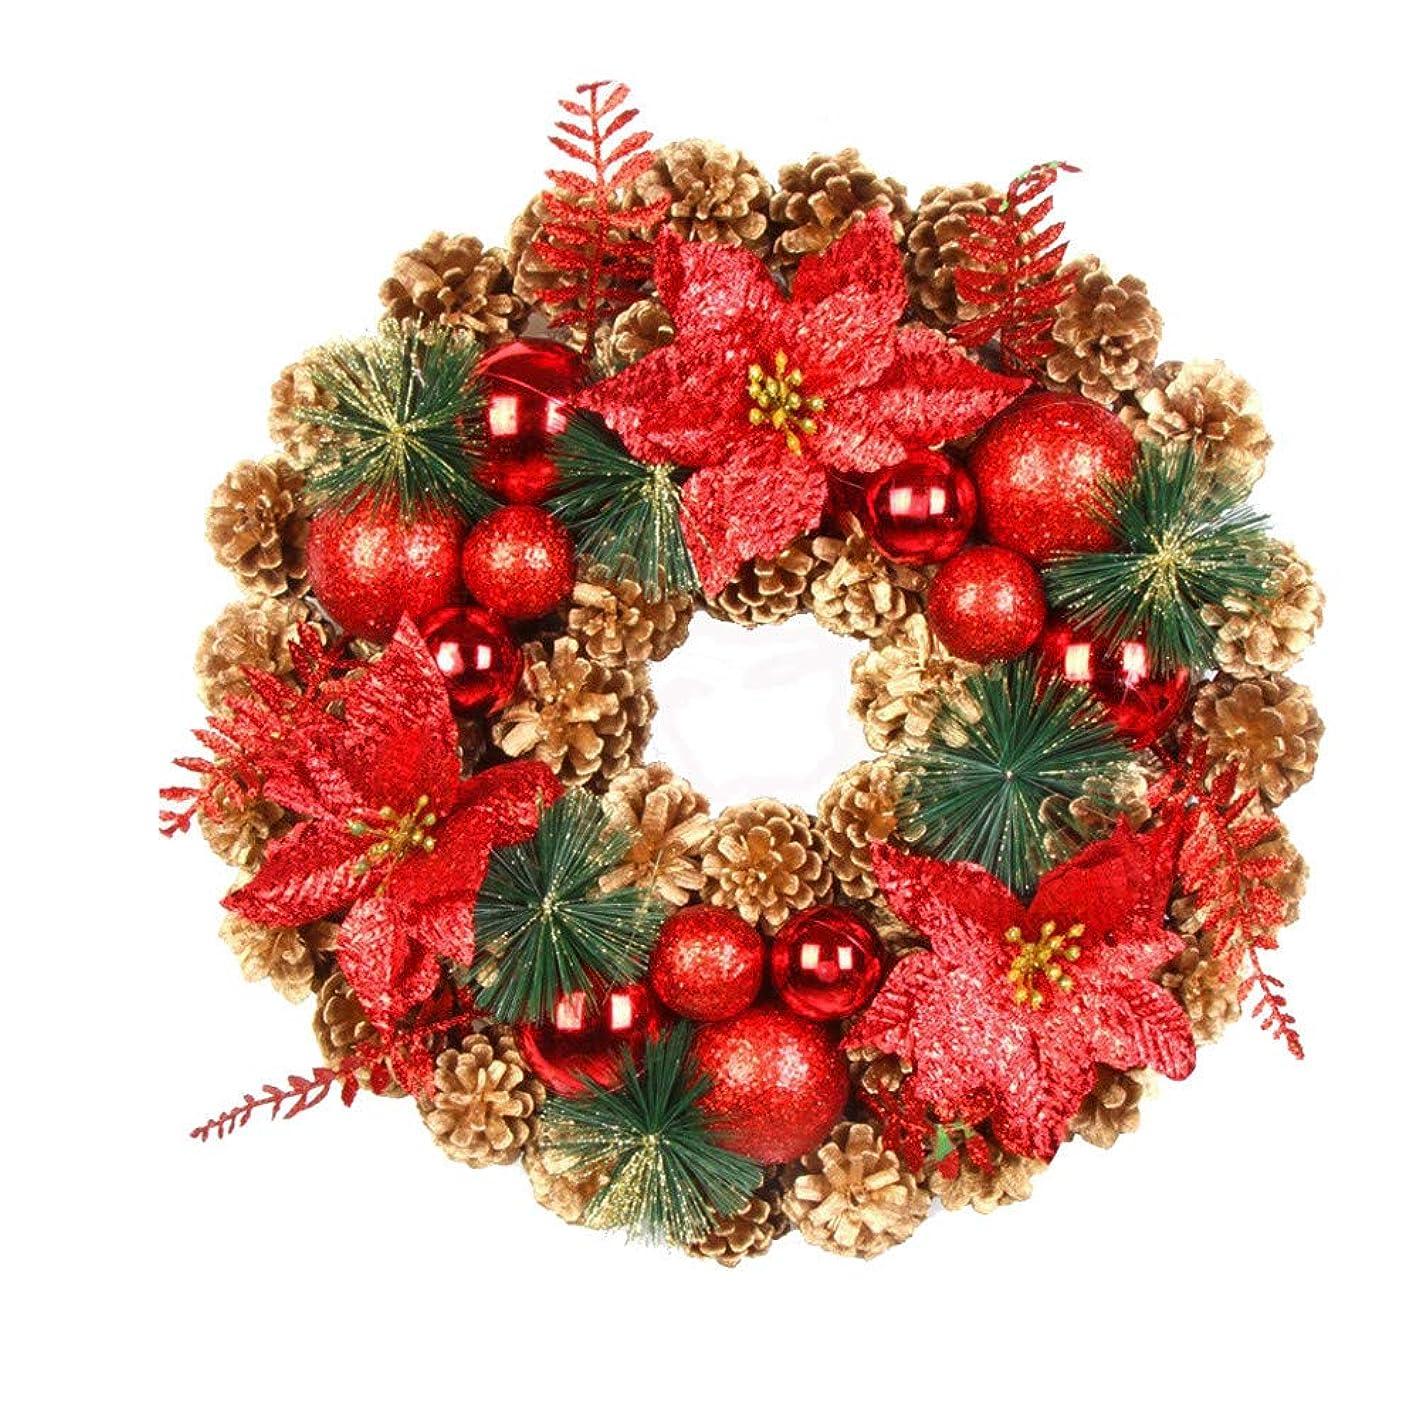 歯科医新しい意味幾何学40 cmのクリスマスの人工的なマツ円錐形の花輪は秋のドアの壁の家の付属品を去ります